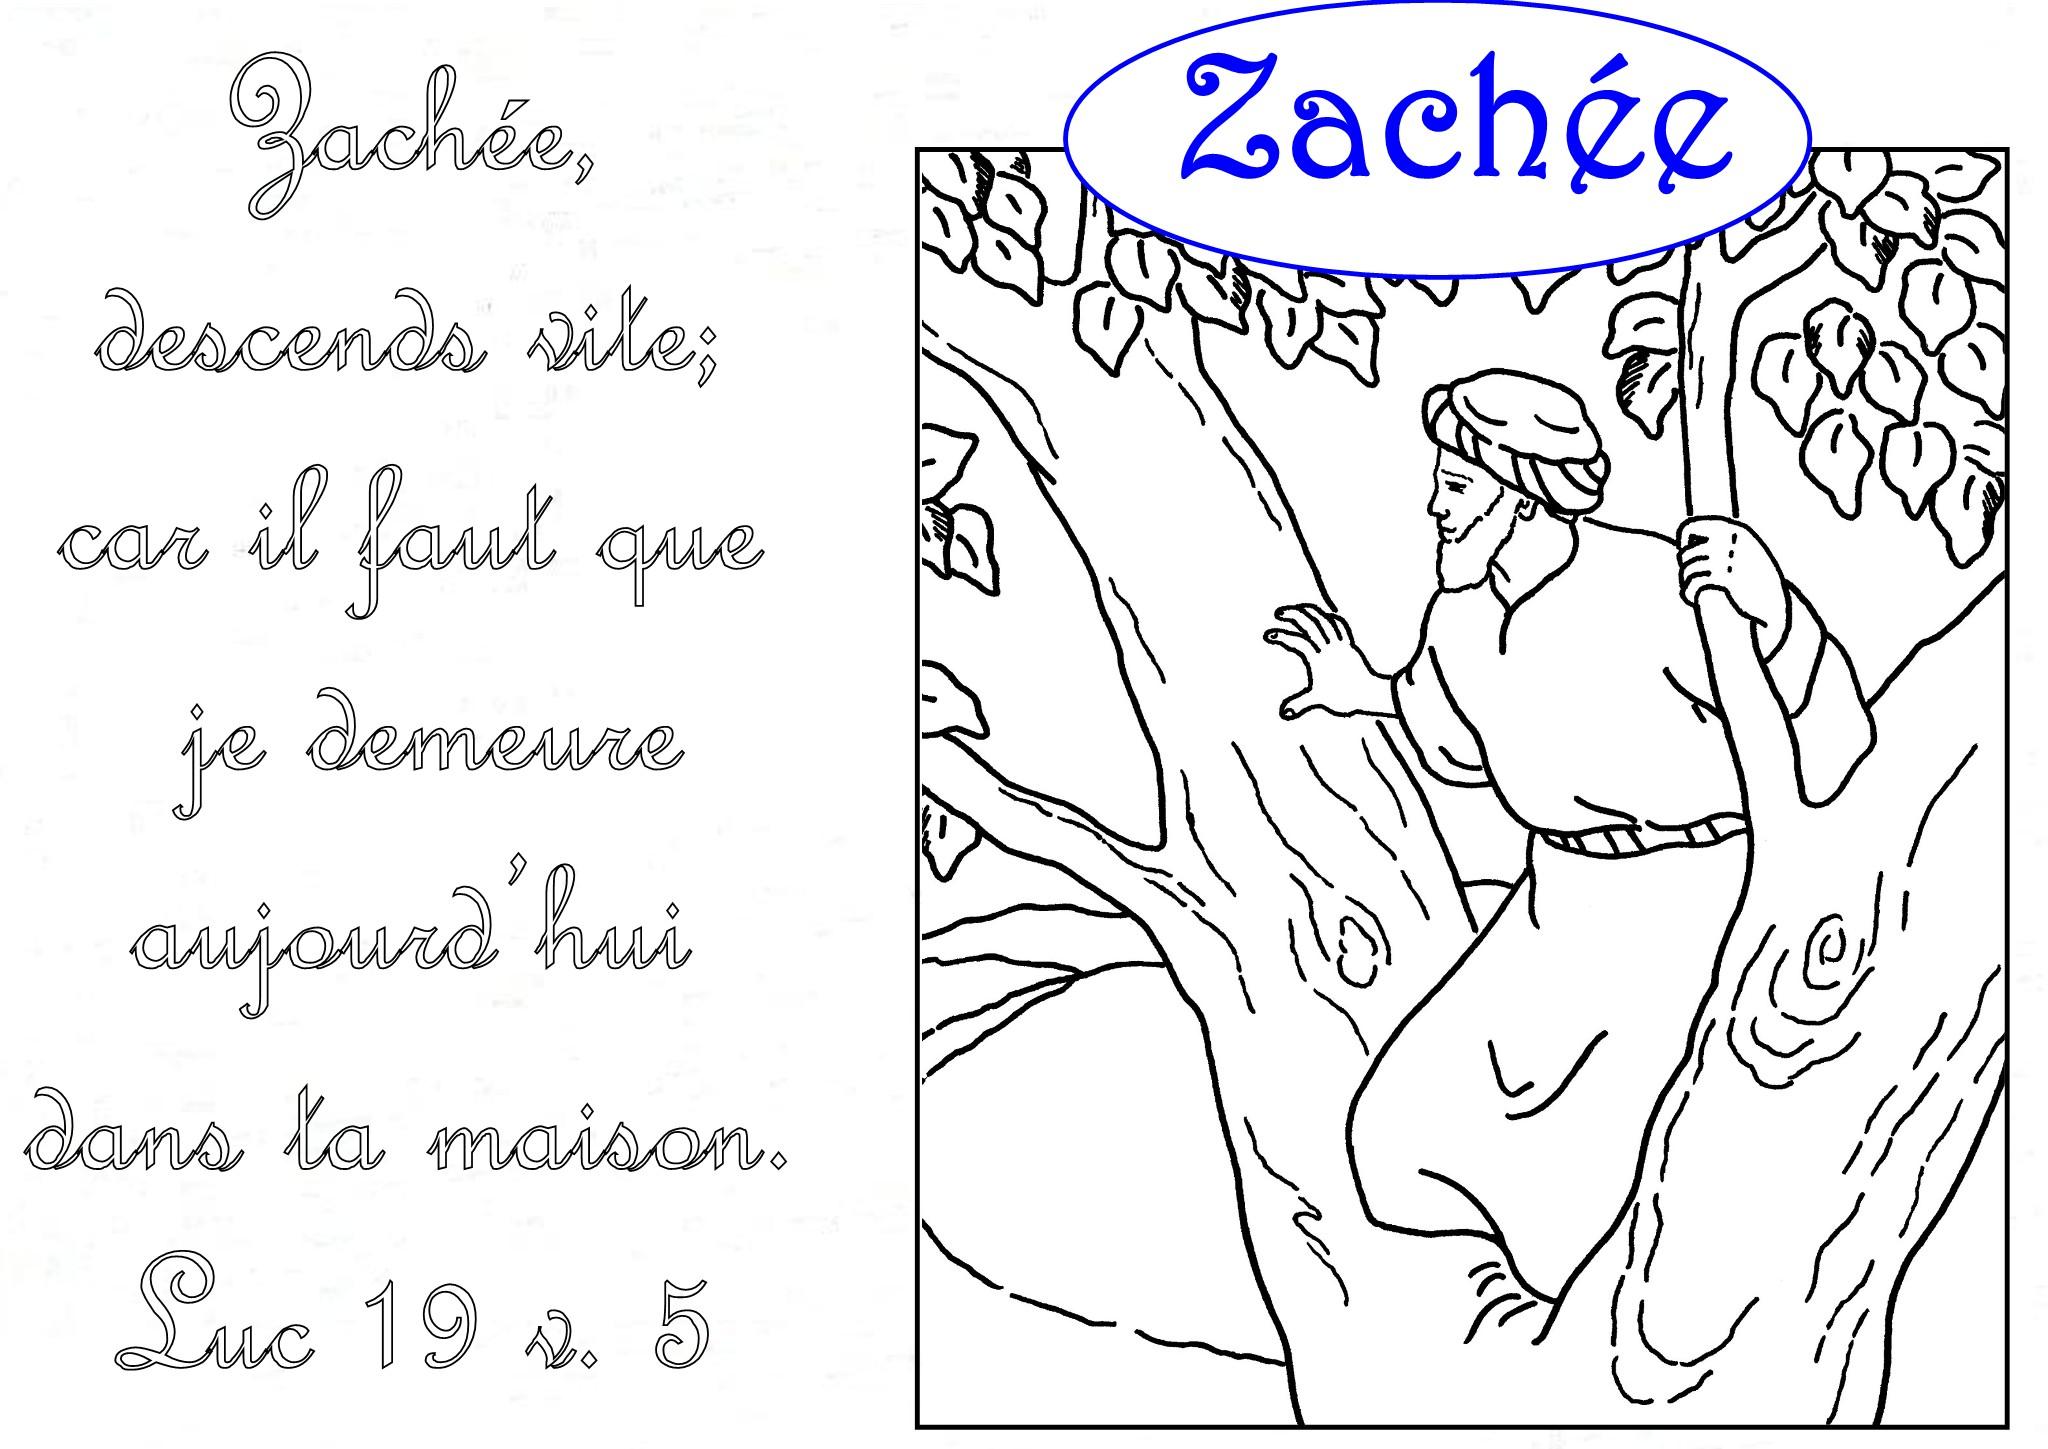 coloriage Zachée